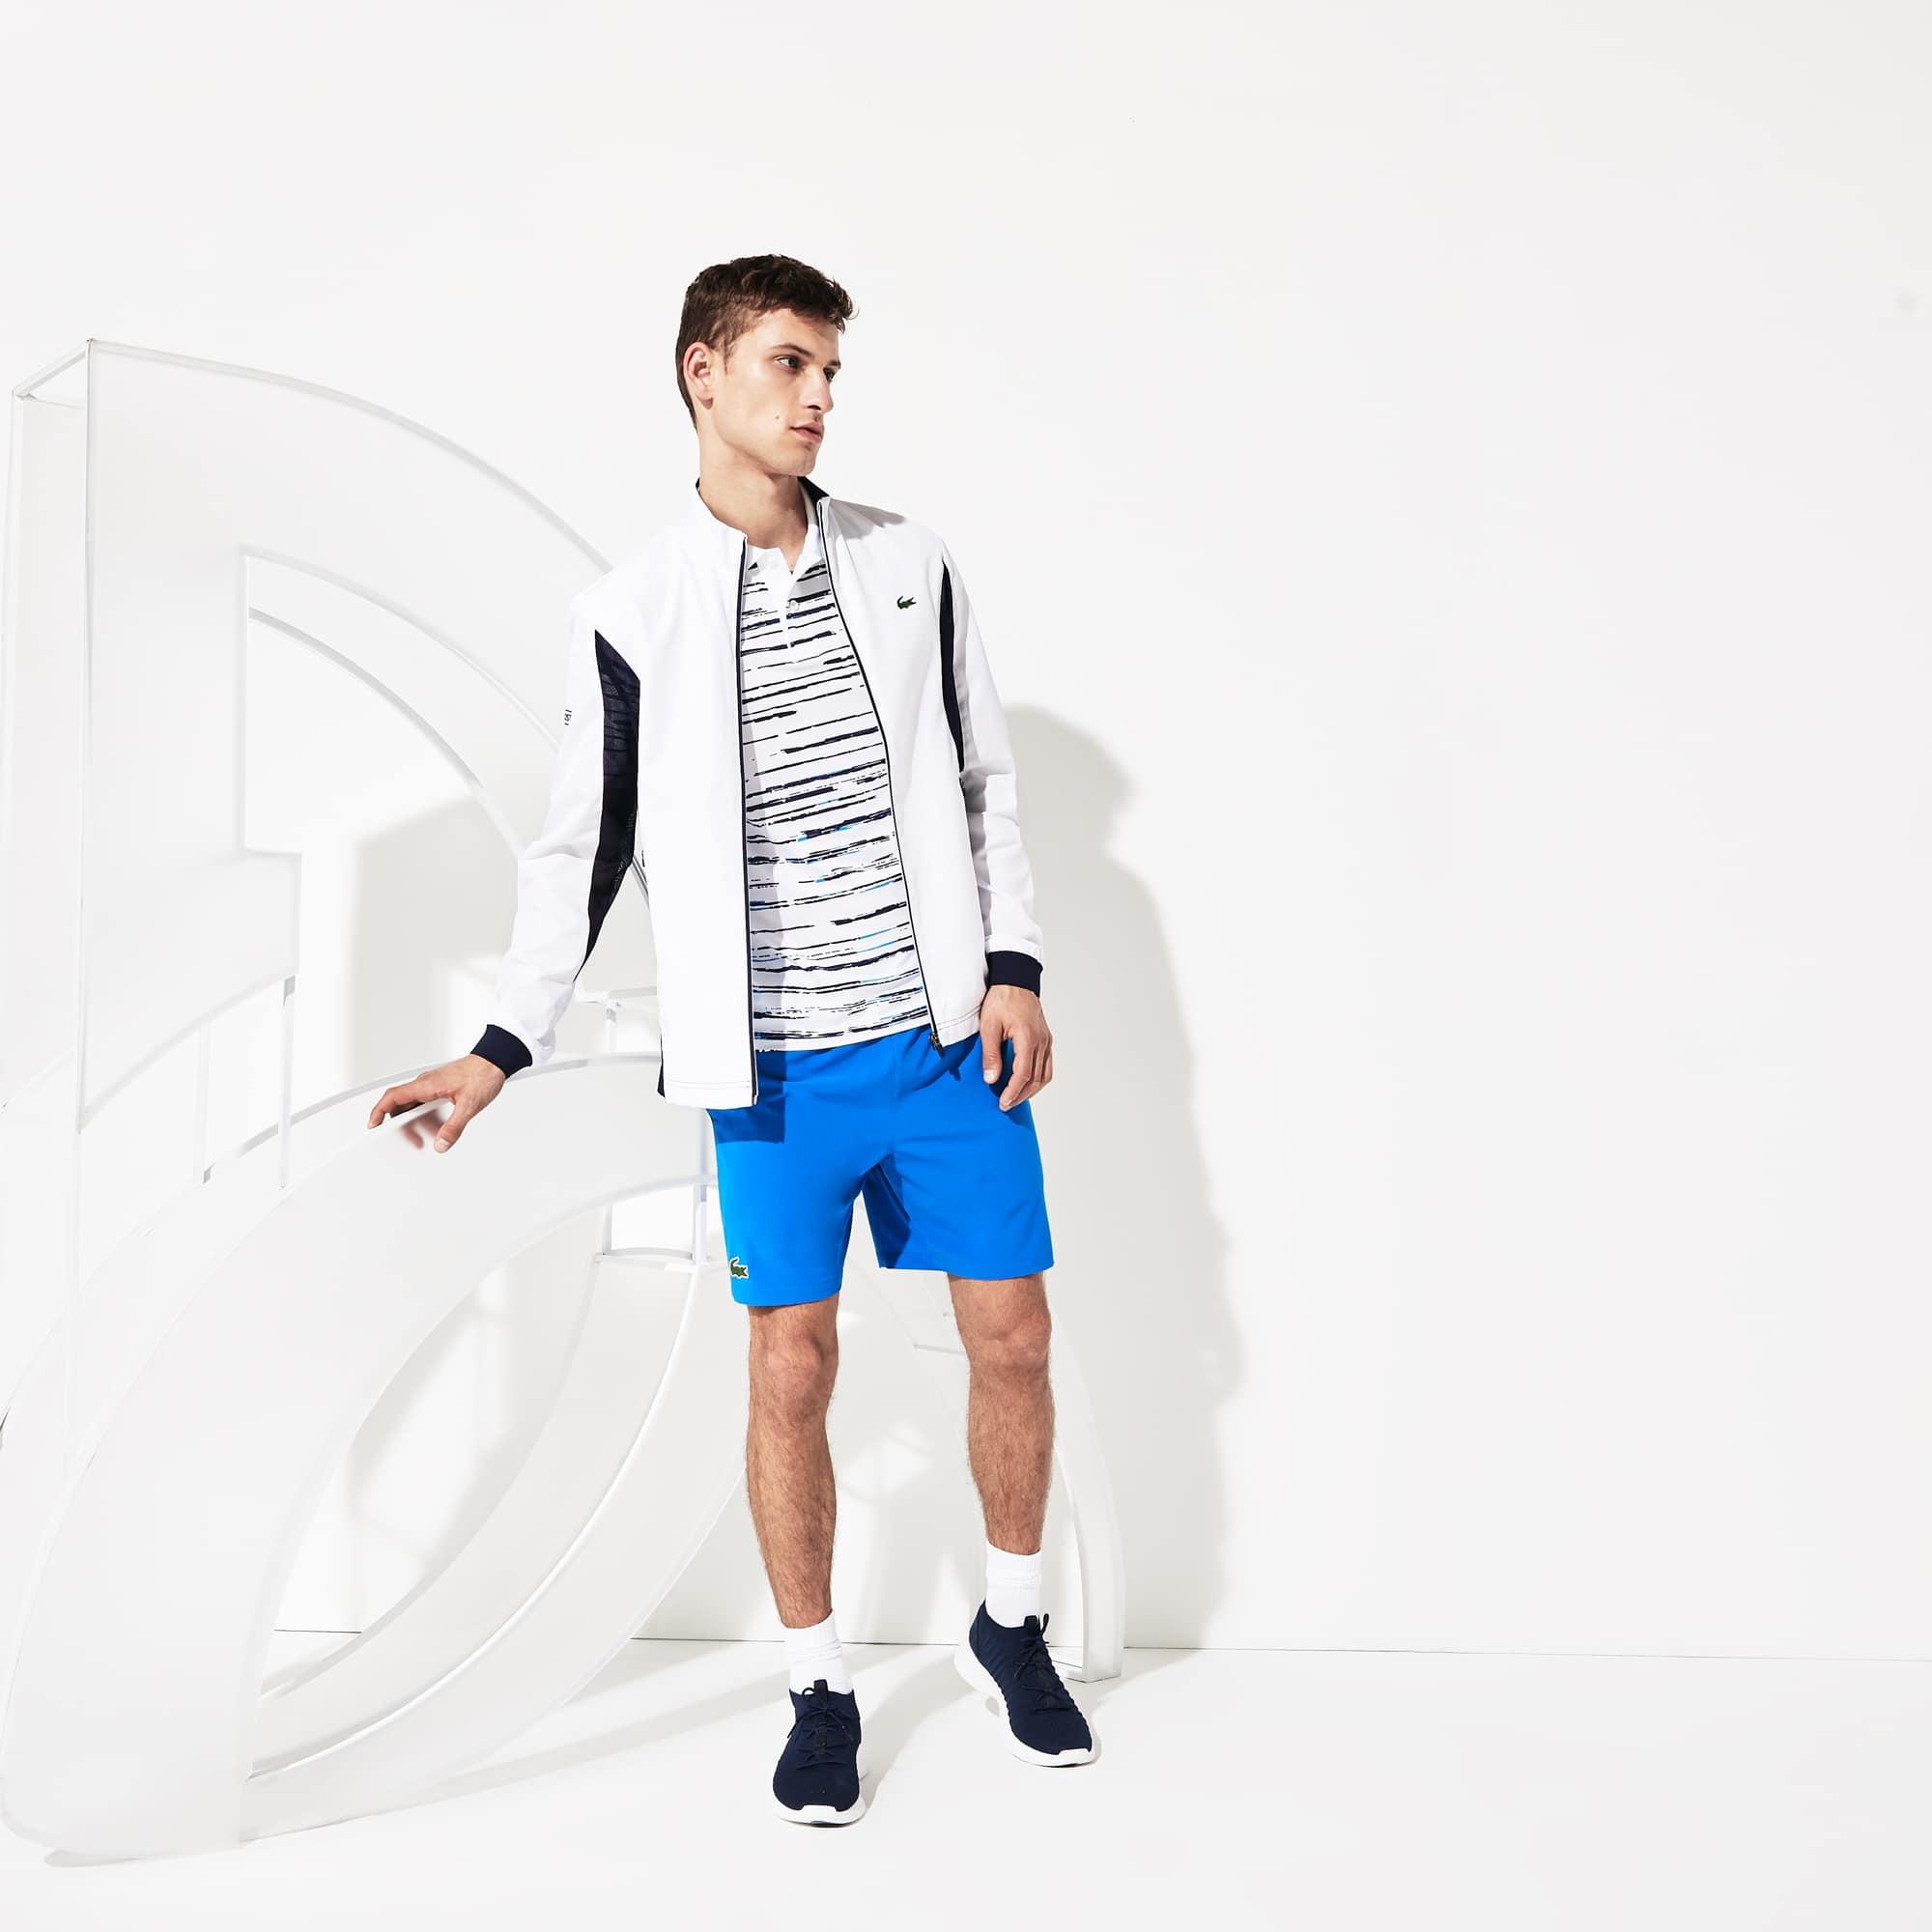 Lacoste Jackets Men's SPORT Novak Djokovic Full-Zip Jacket